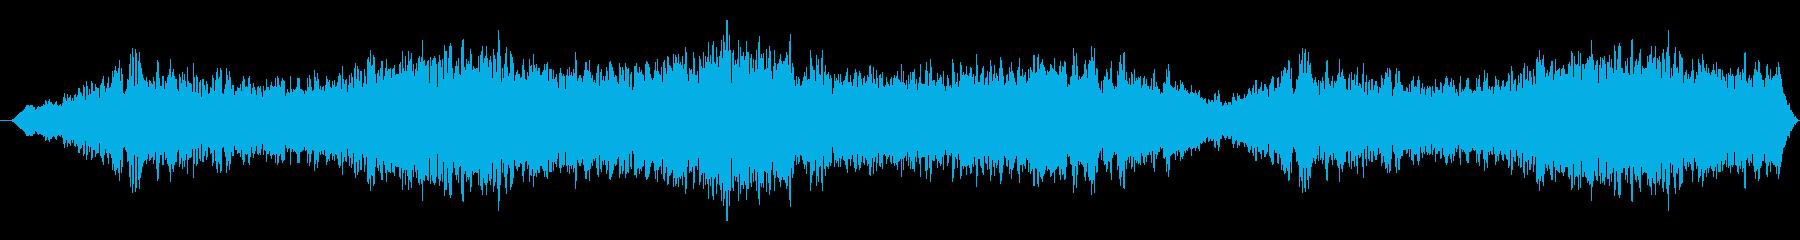 重さのある不穏なBGSの再生済みの波形